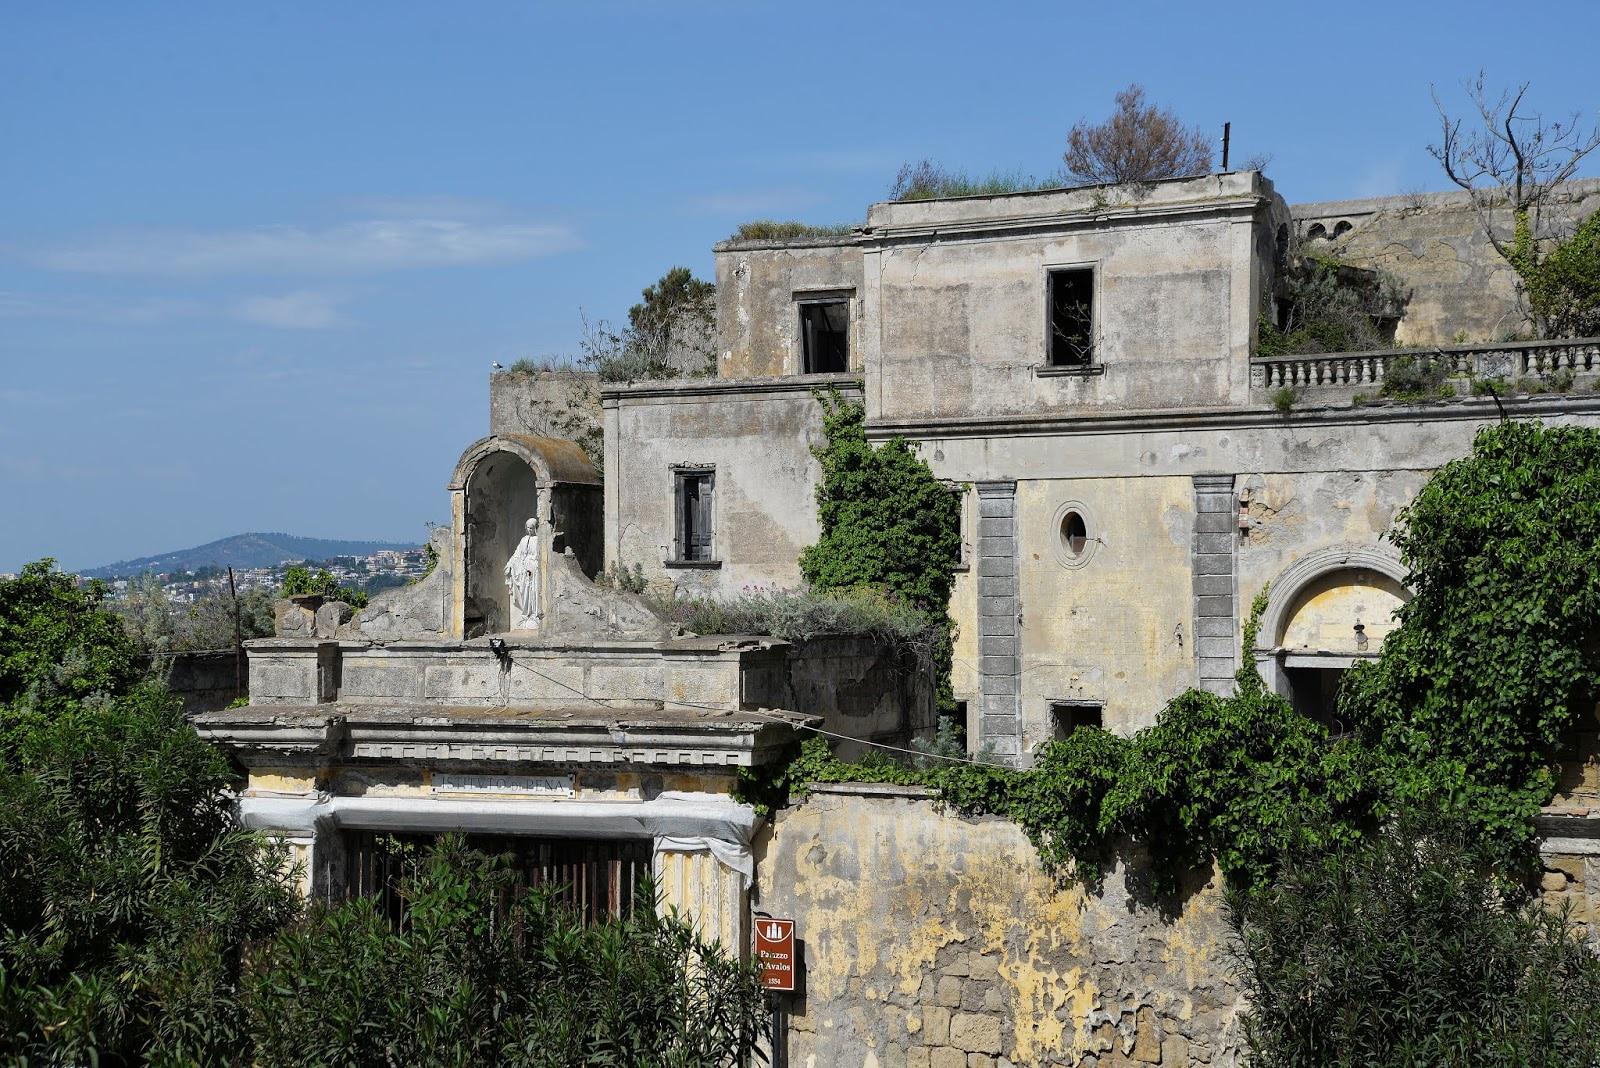 Palazzo d'Avalos, l'edificio dominante di Terra Murata.